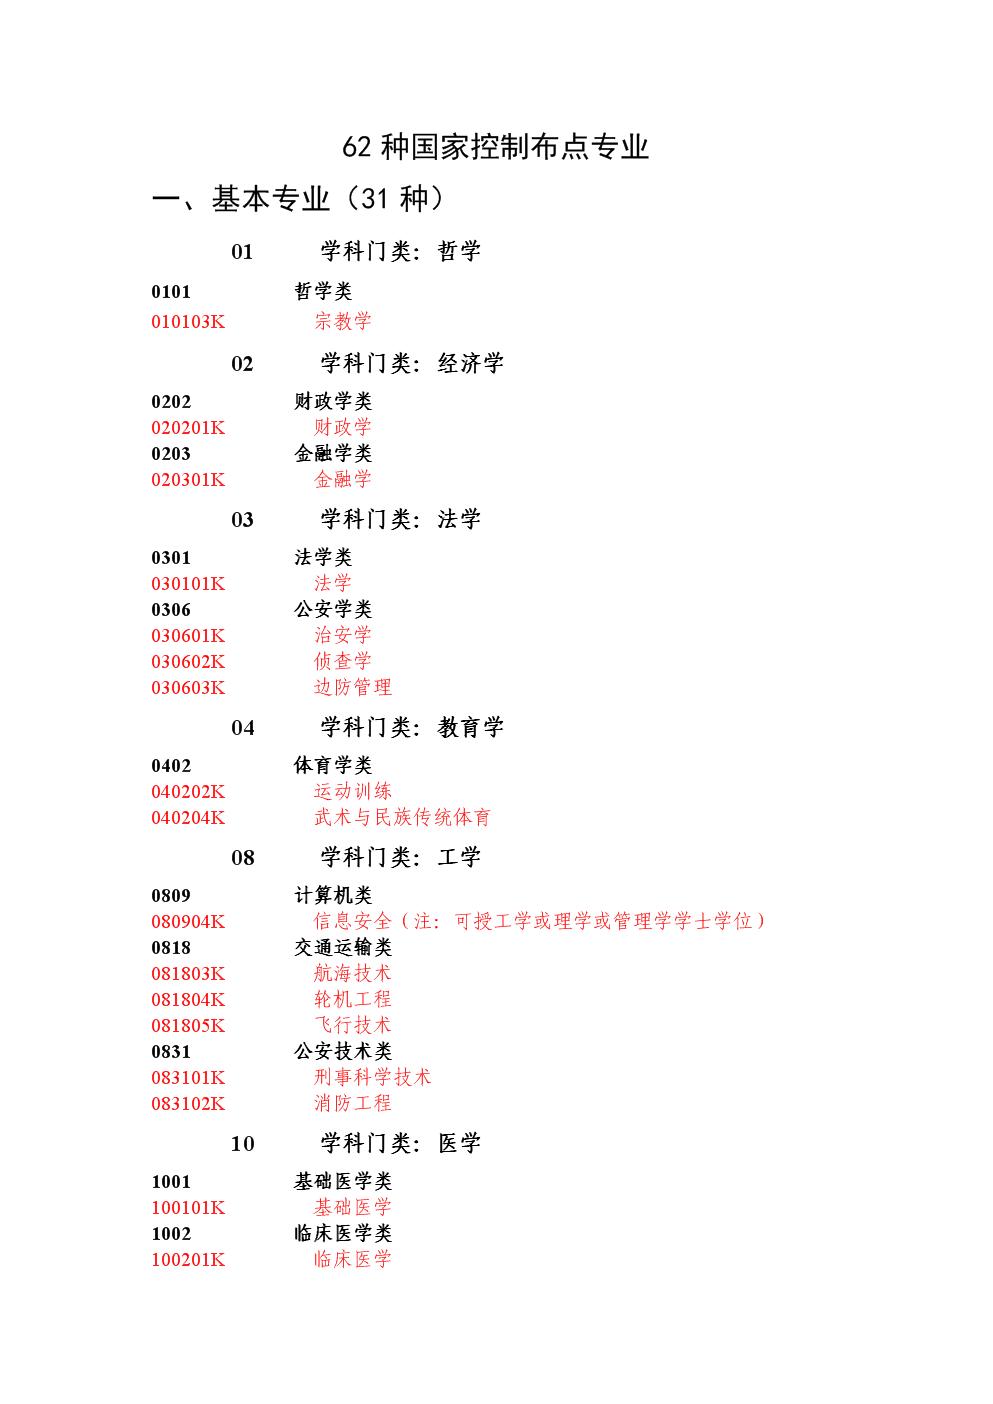 00-05国控专业目录(62种).doc